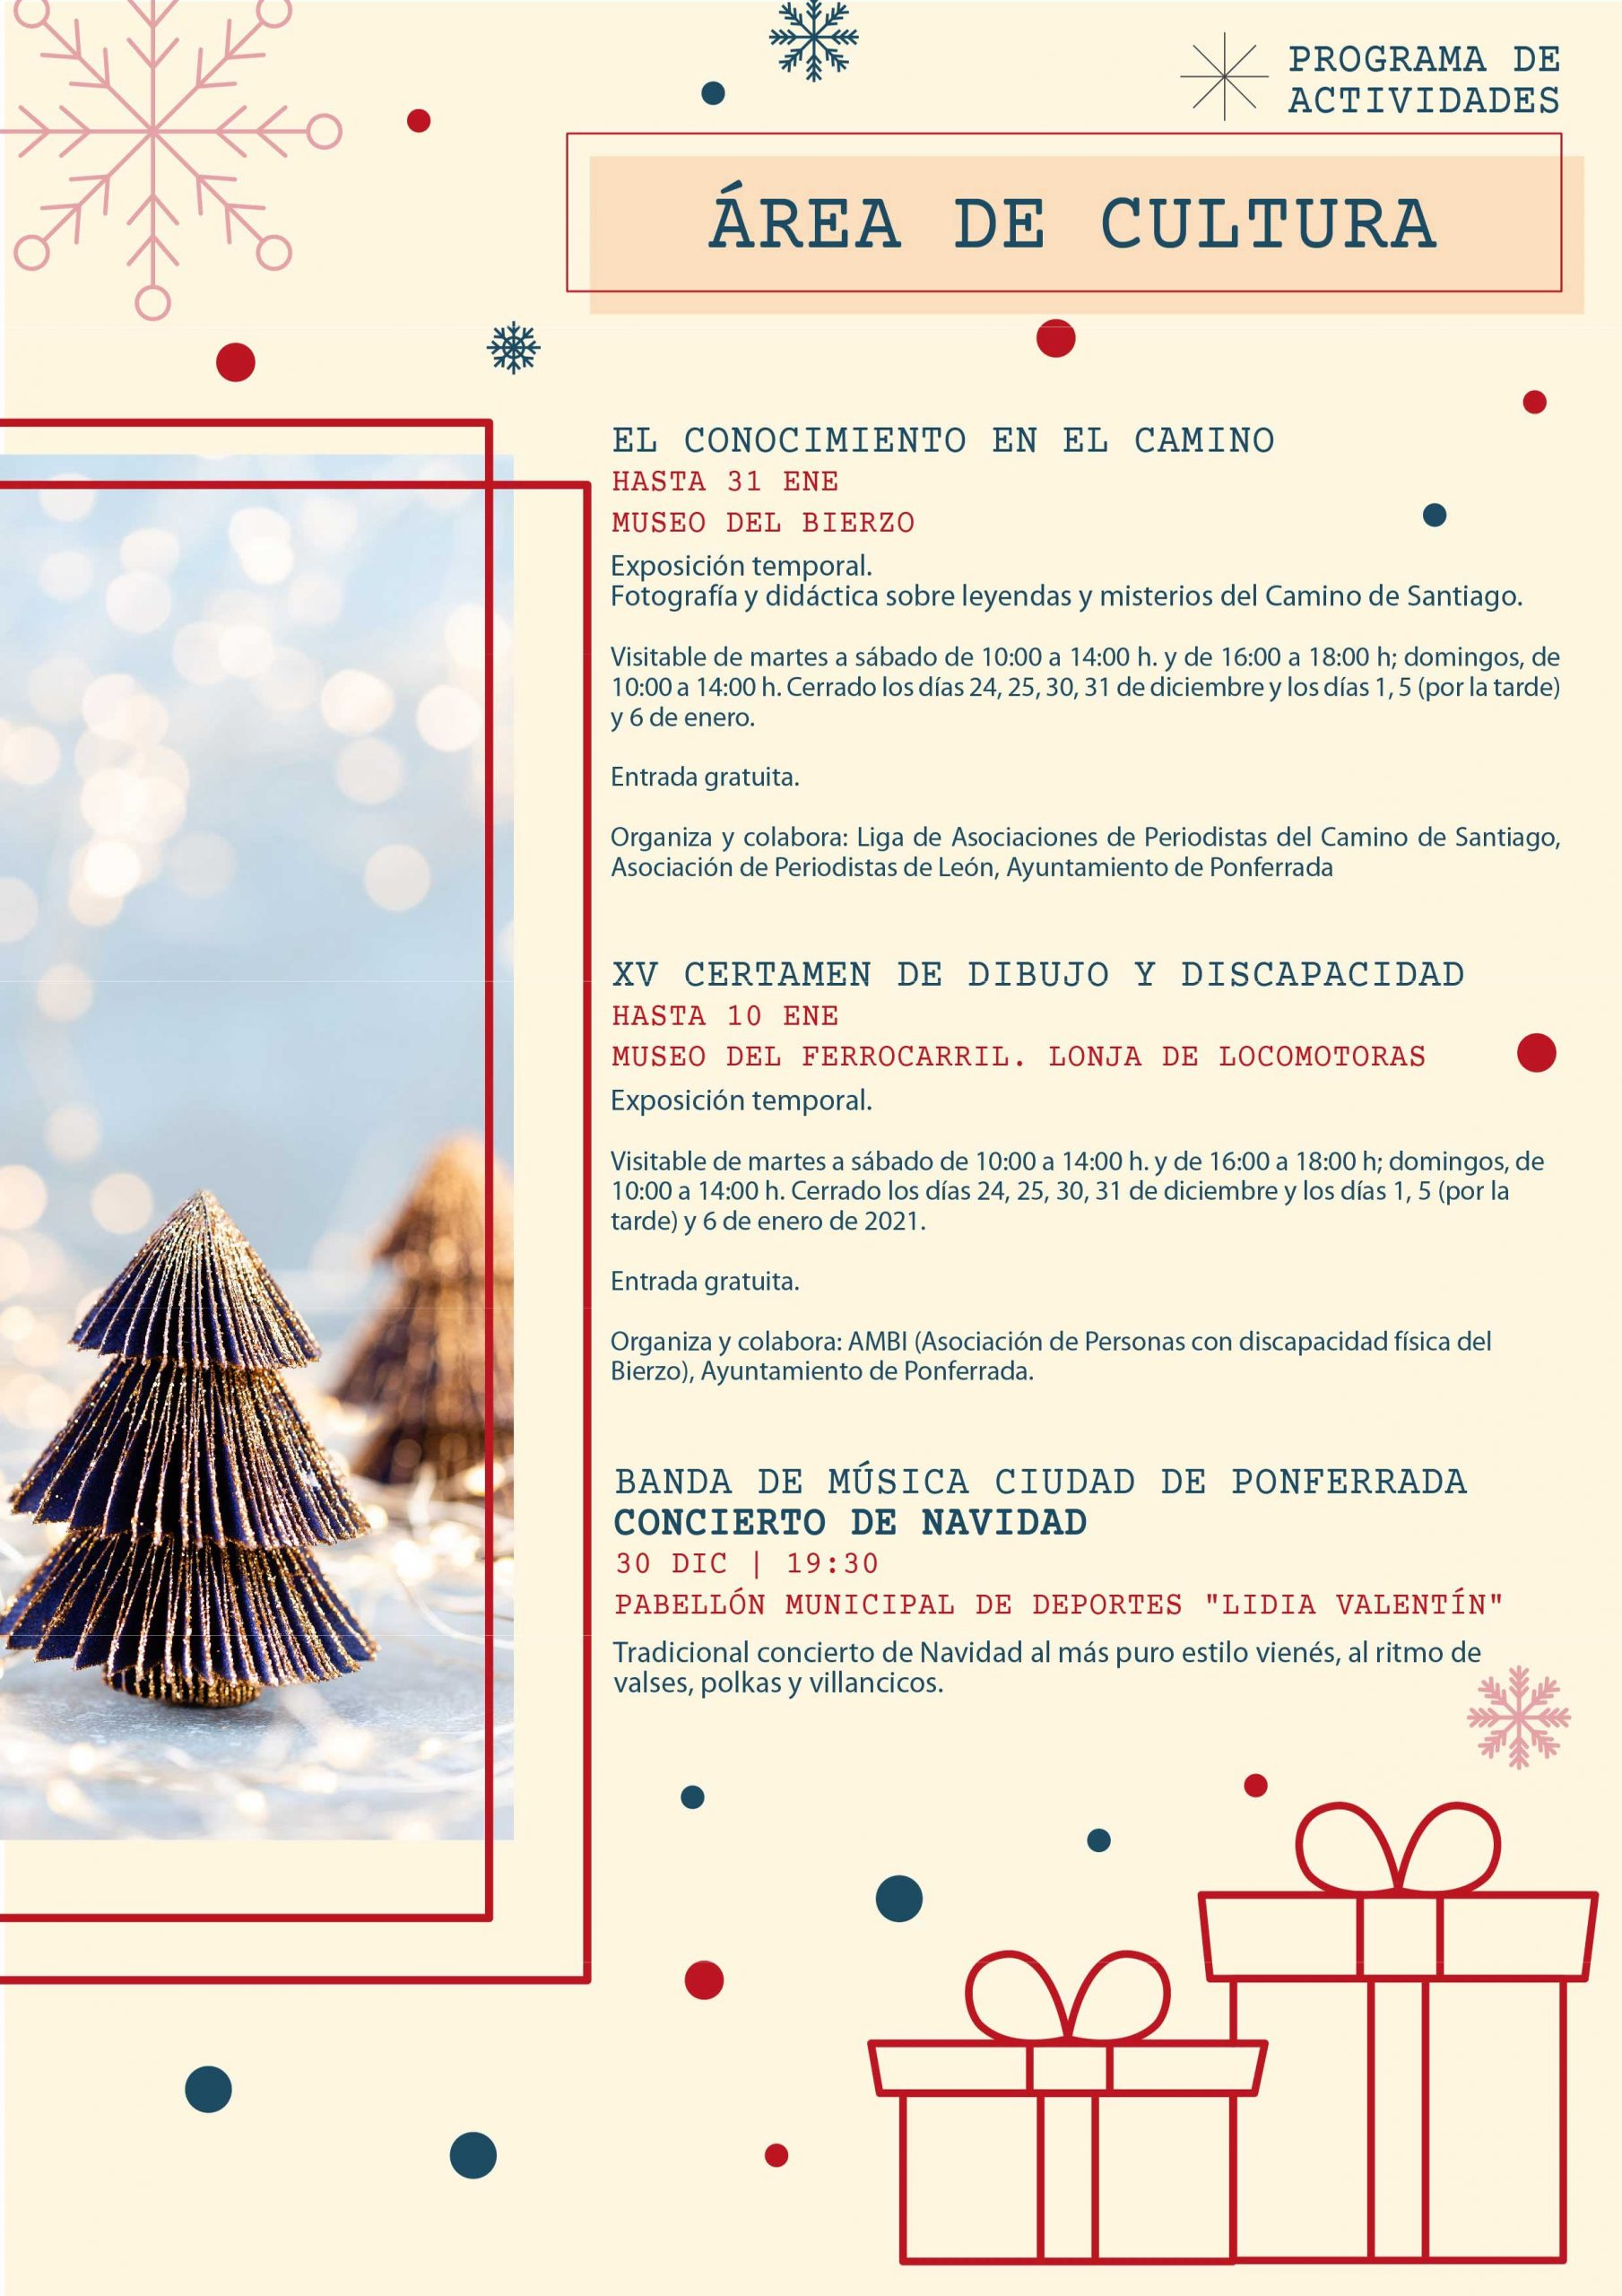 Programa de Navidad 2020 en Ponferrada 9